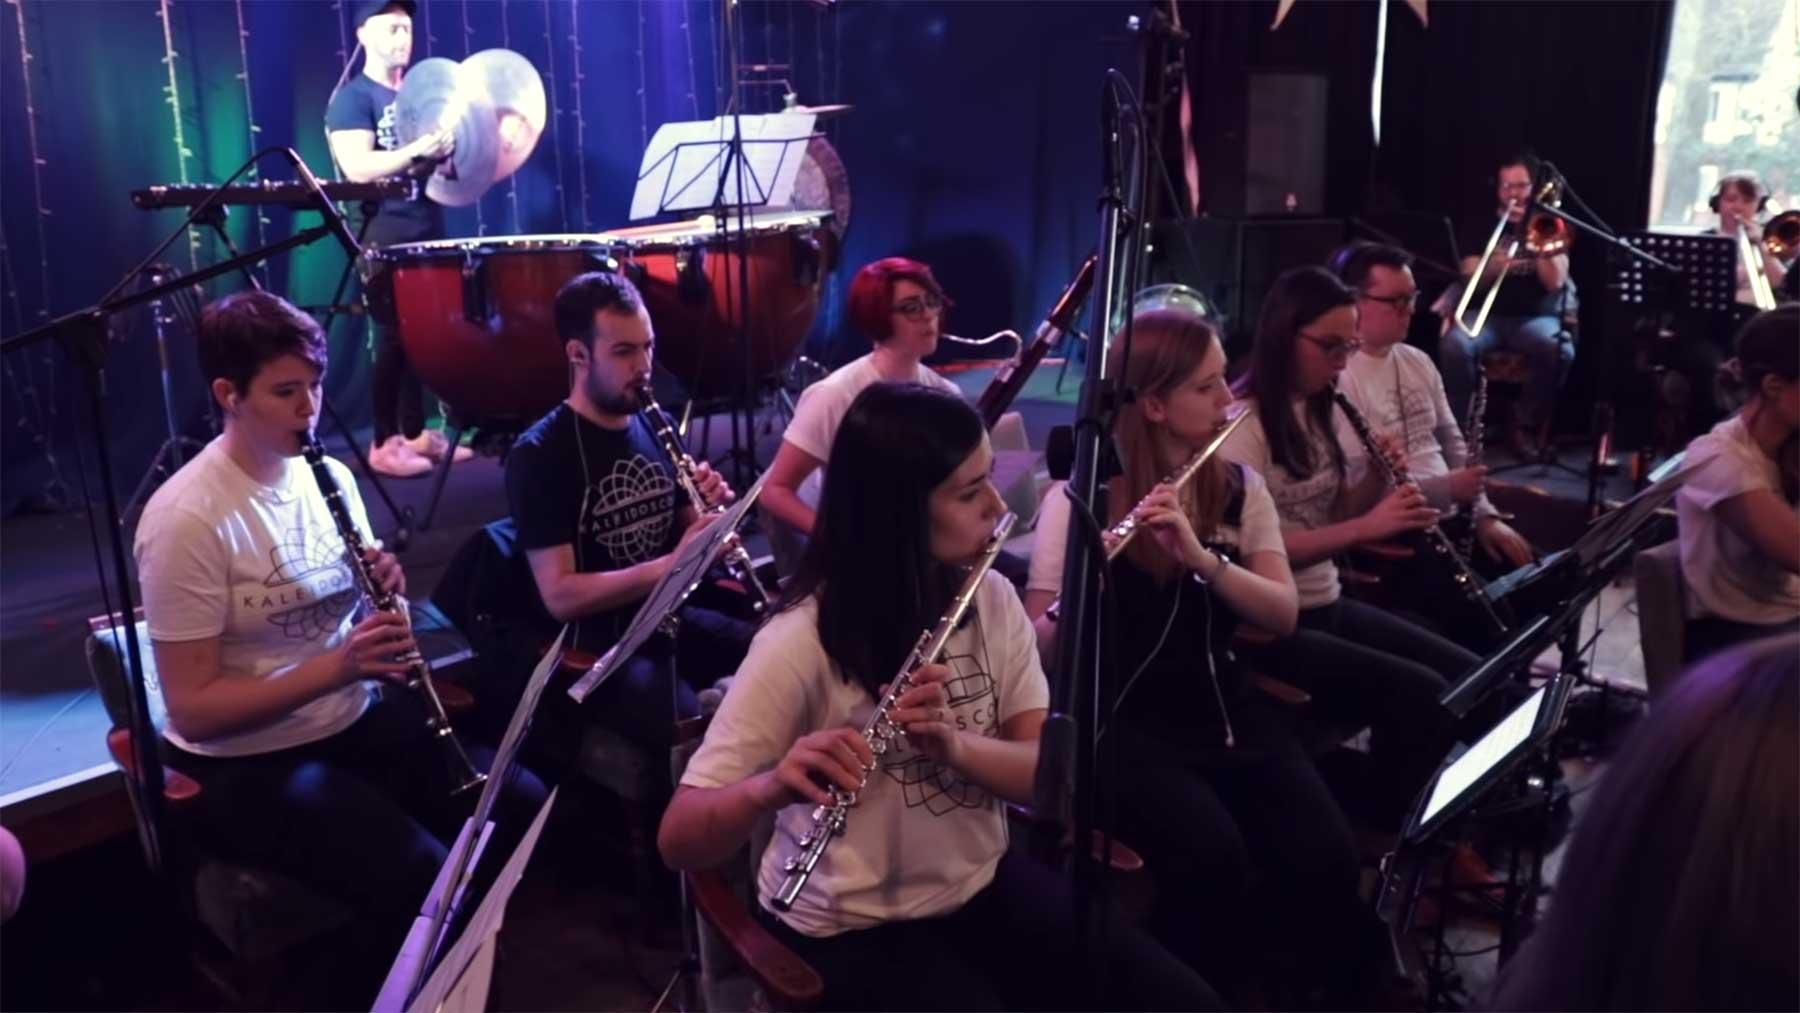 Orchester spielt Eminem-Medley orchester-eminem-cover-medley